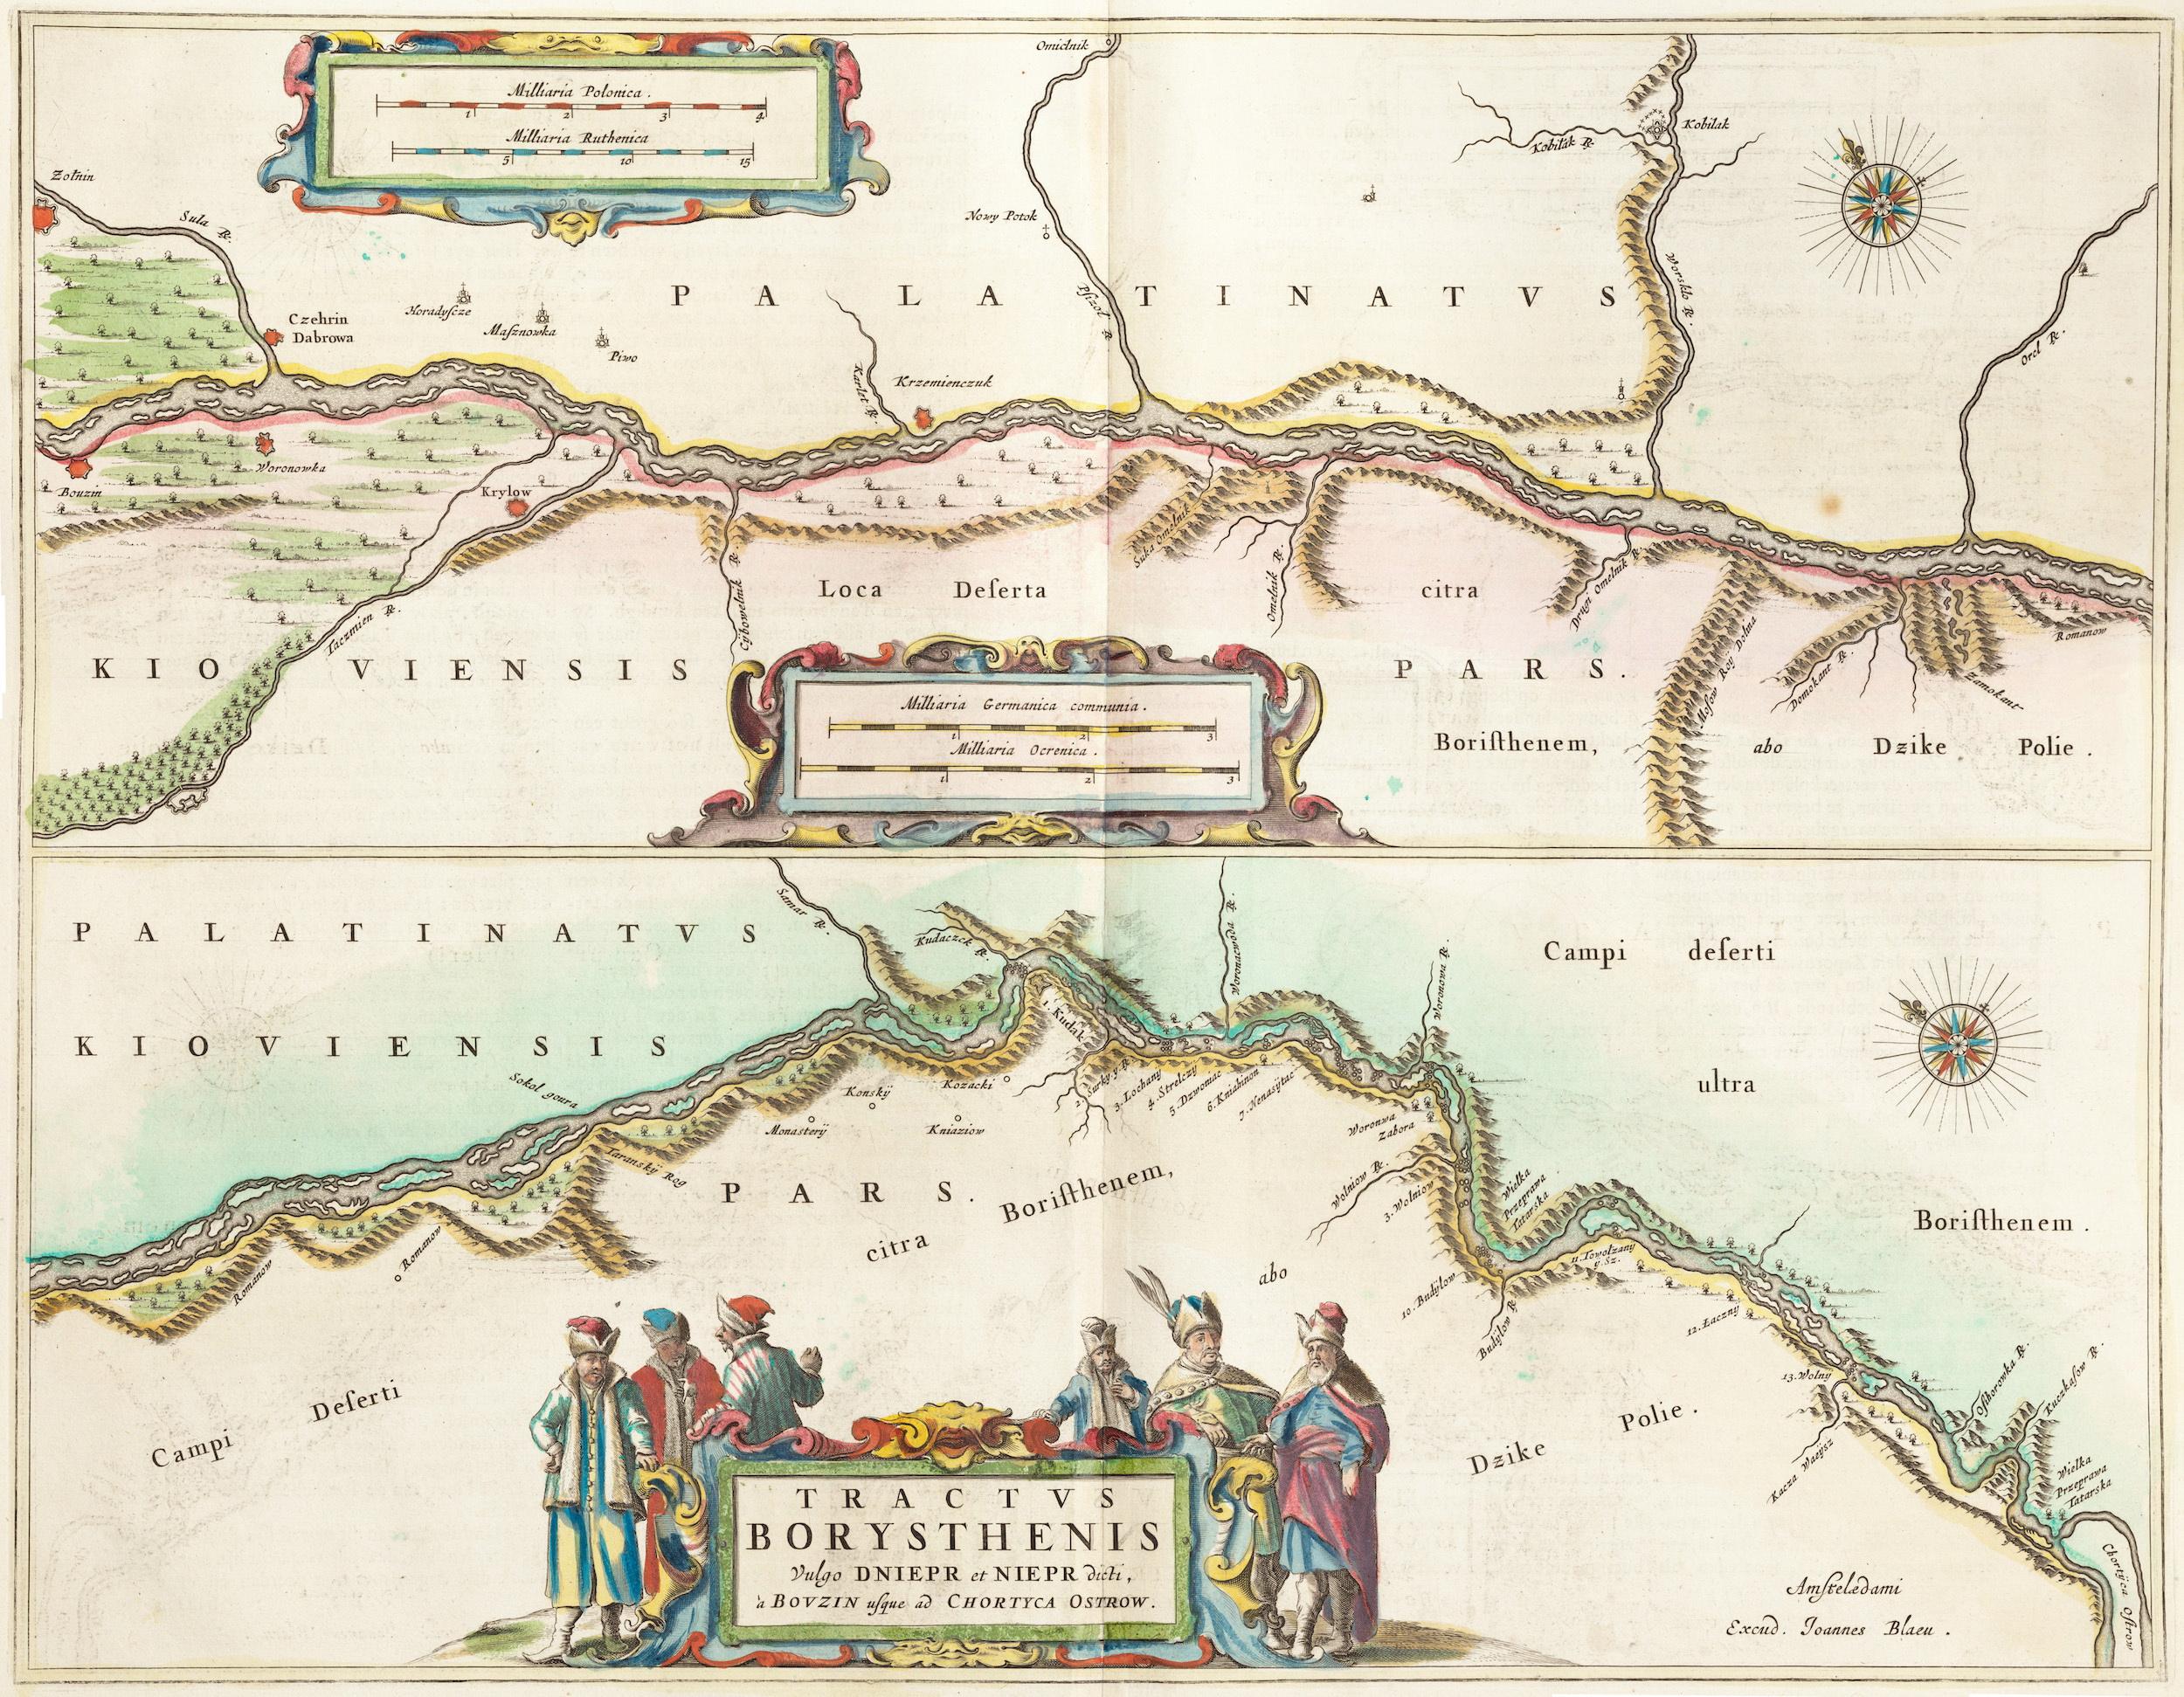 1662 Dnieper 2 de Bouzin a Jortitsia